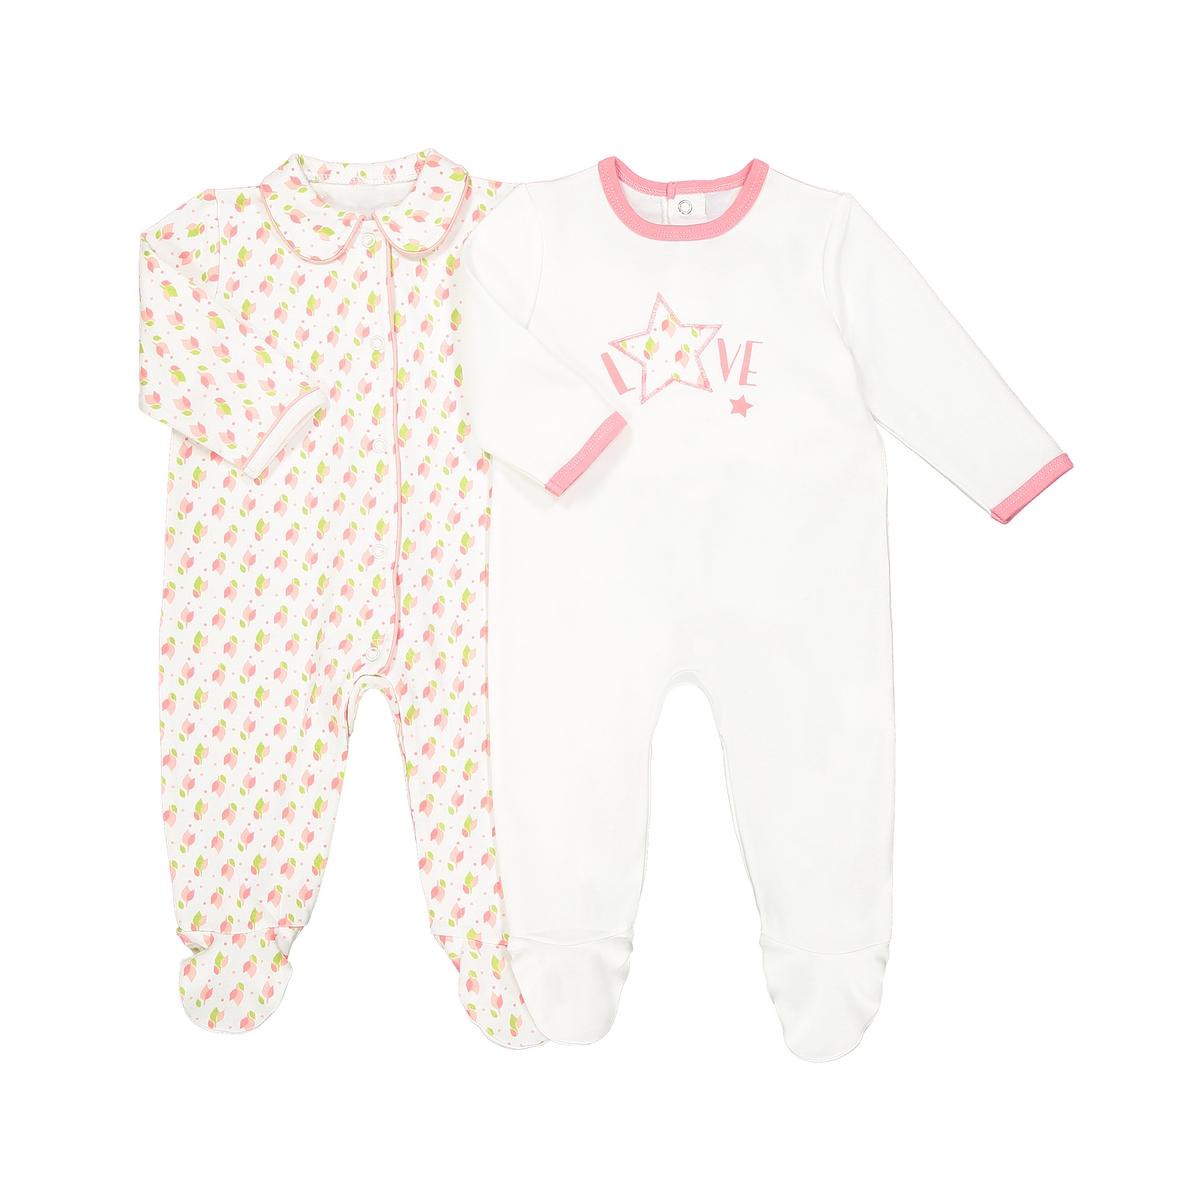 Пижама для новорожденного 0 мес.-3 года (комплект из 2 изделий)Описание:2 пижамы с длинными рукавами. 2 пижамы из хлопка обеспечат комфорт и мягкость.Детали •  В комплекте 2 пижамы с длинными рукавами и штанинами. •  1 пижама однотонная с рисунком и застёжкой на кнопки сзади. •  1 пижама с цветочным рисунком и застёжкой на кнопки спереди.  •  Носки с противоскользящими элементами для размеров от 12 месяцев  (74 см).Состав и уход •  Материал : 100% хлопок. •  Стирать с вещами схожих цветов при 40°. •  Стирать и гладить с изнанки при низкой температуре. •  Машинная сушка на средней температуре .Эластичная вставка сзади для лцчшей поддержки.<br><br>Цвет: экрю/ розовый<br>Размер: 2 года - 86 см.18 мес. - 81 см.1 год - 74 см.0 мес. - 50 см.3 года - 94 см.3 мес. - 60 см.1 мес. - 54 см.9 мес. - 71 см.6 мес. - 67 см